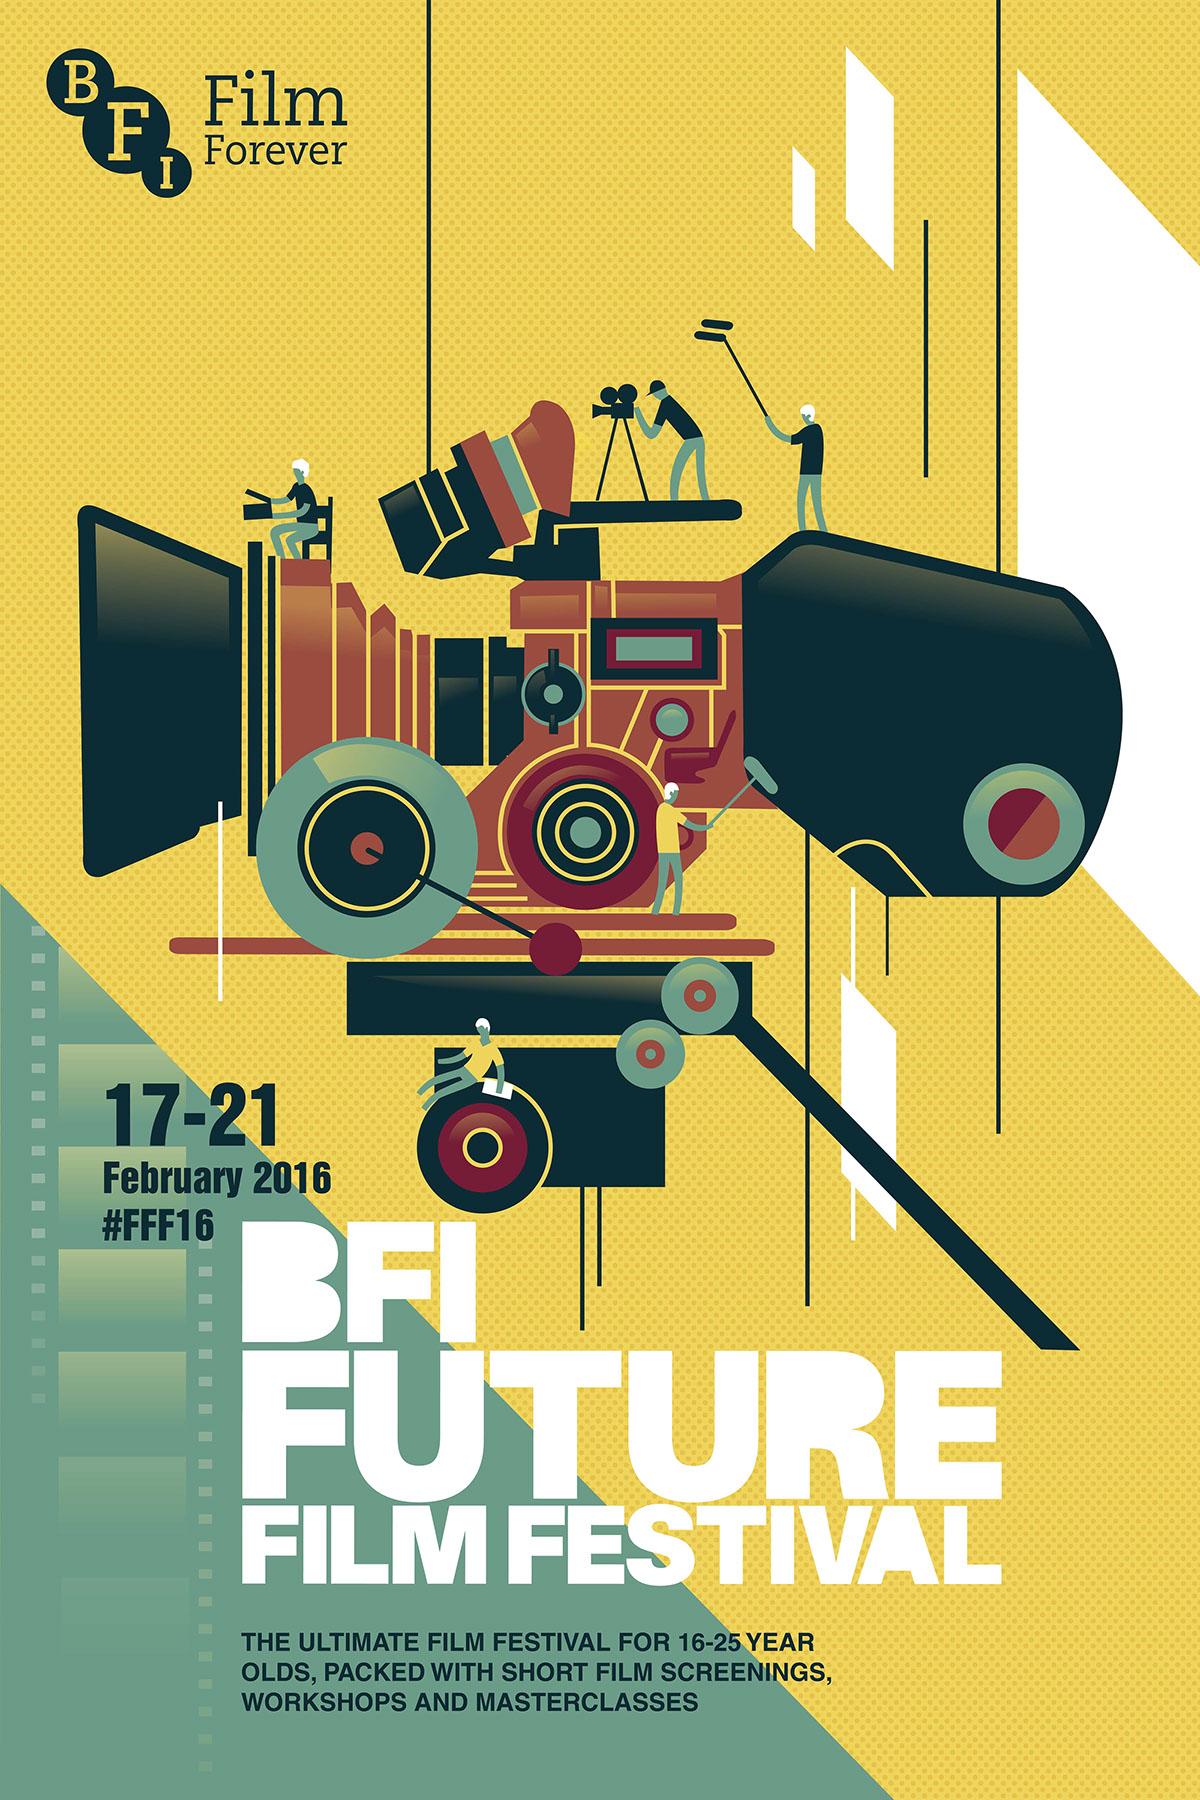 poster design film festival